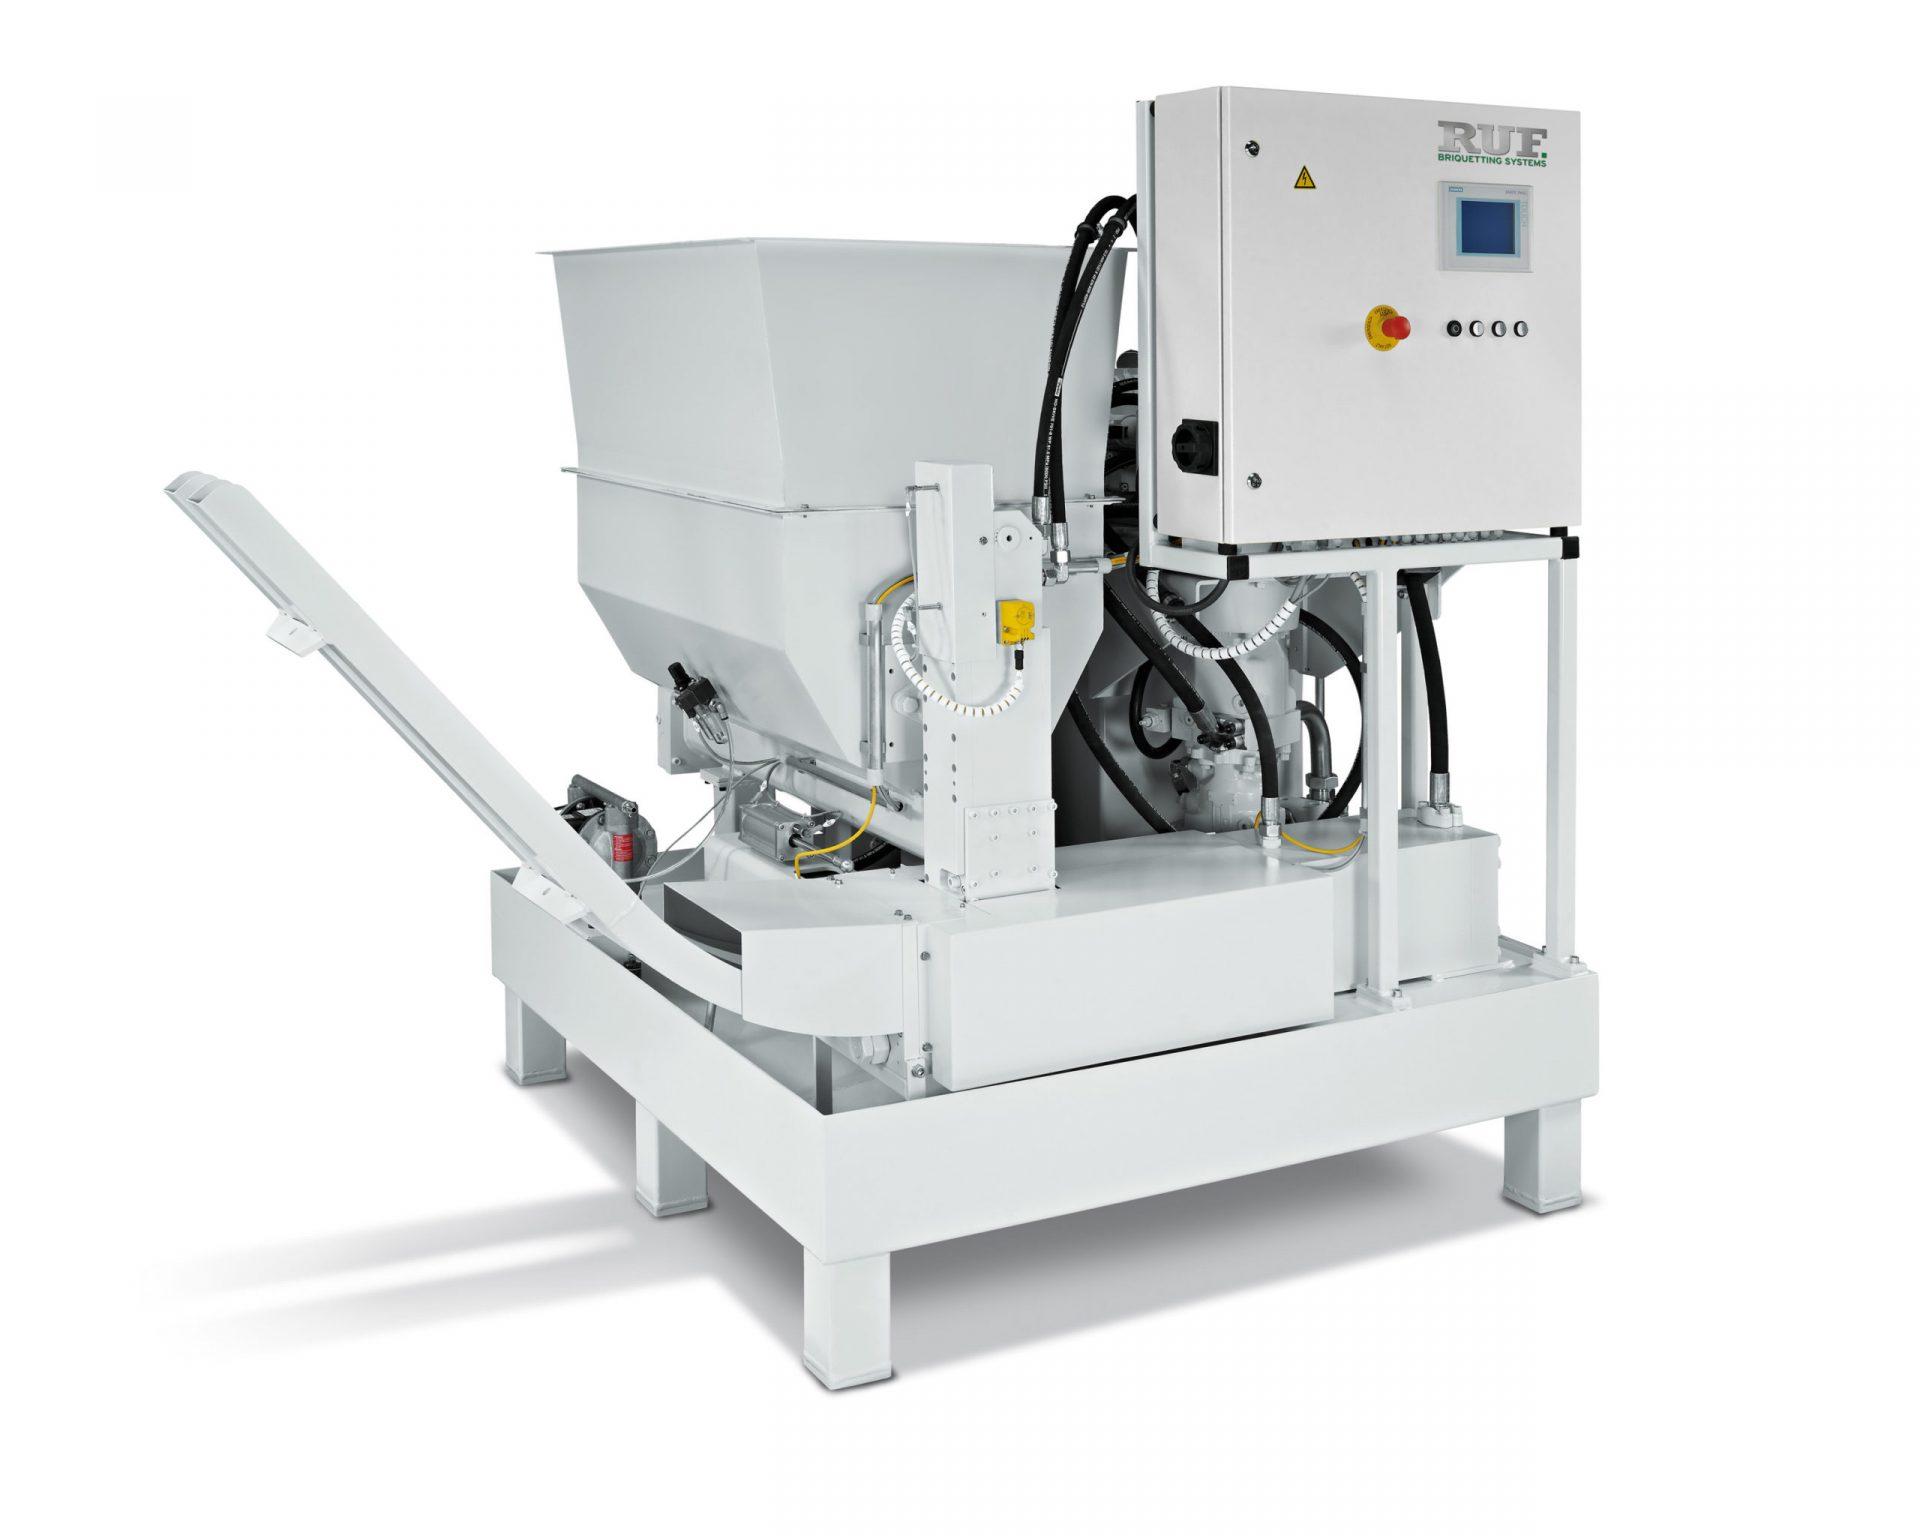 RUF 11 machine